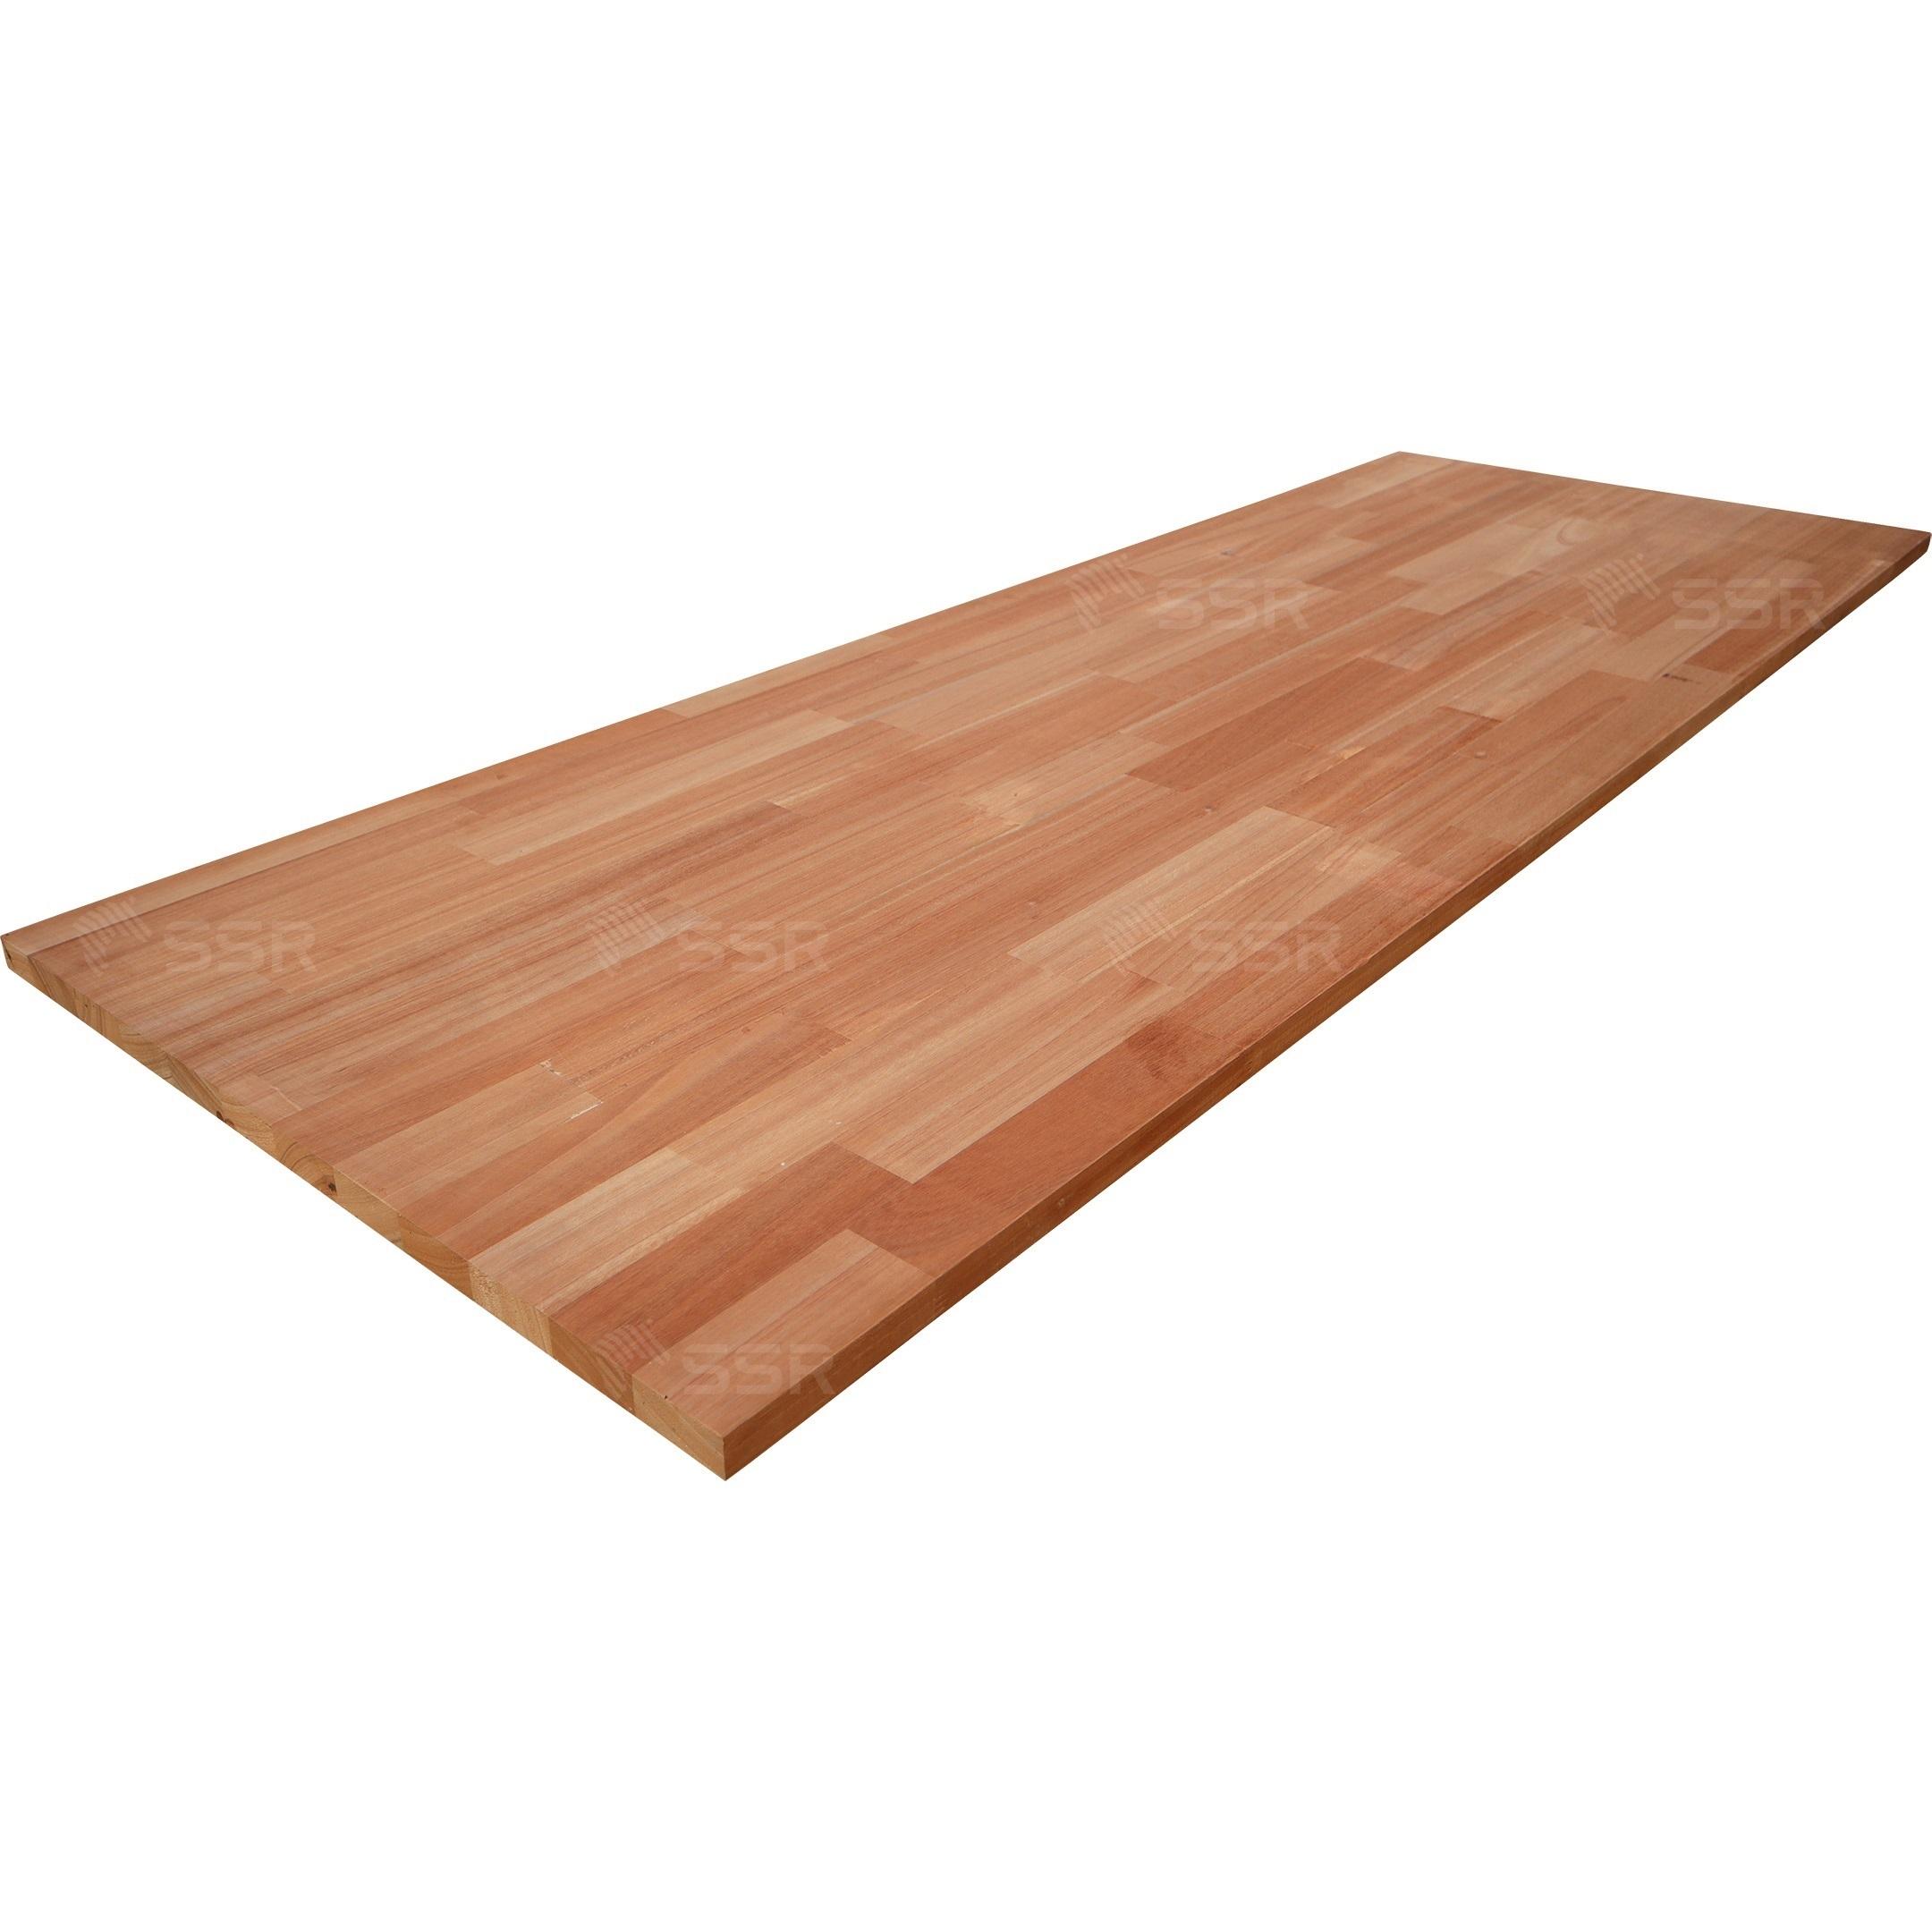 Eucalyptus Bois massif Bois dur Joint de bois Planche de bois Panneau de bois Planche de bois Industrie du bois Global Commerce Commerce Fournisseur international de produits en bois De gros Certifié FSC Commerce international Importation Exportation